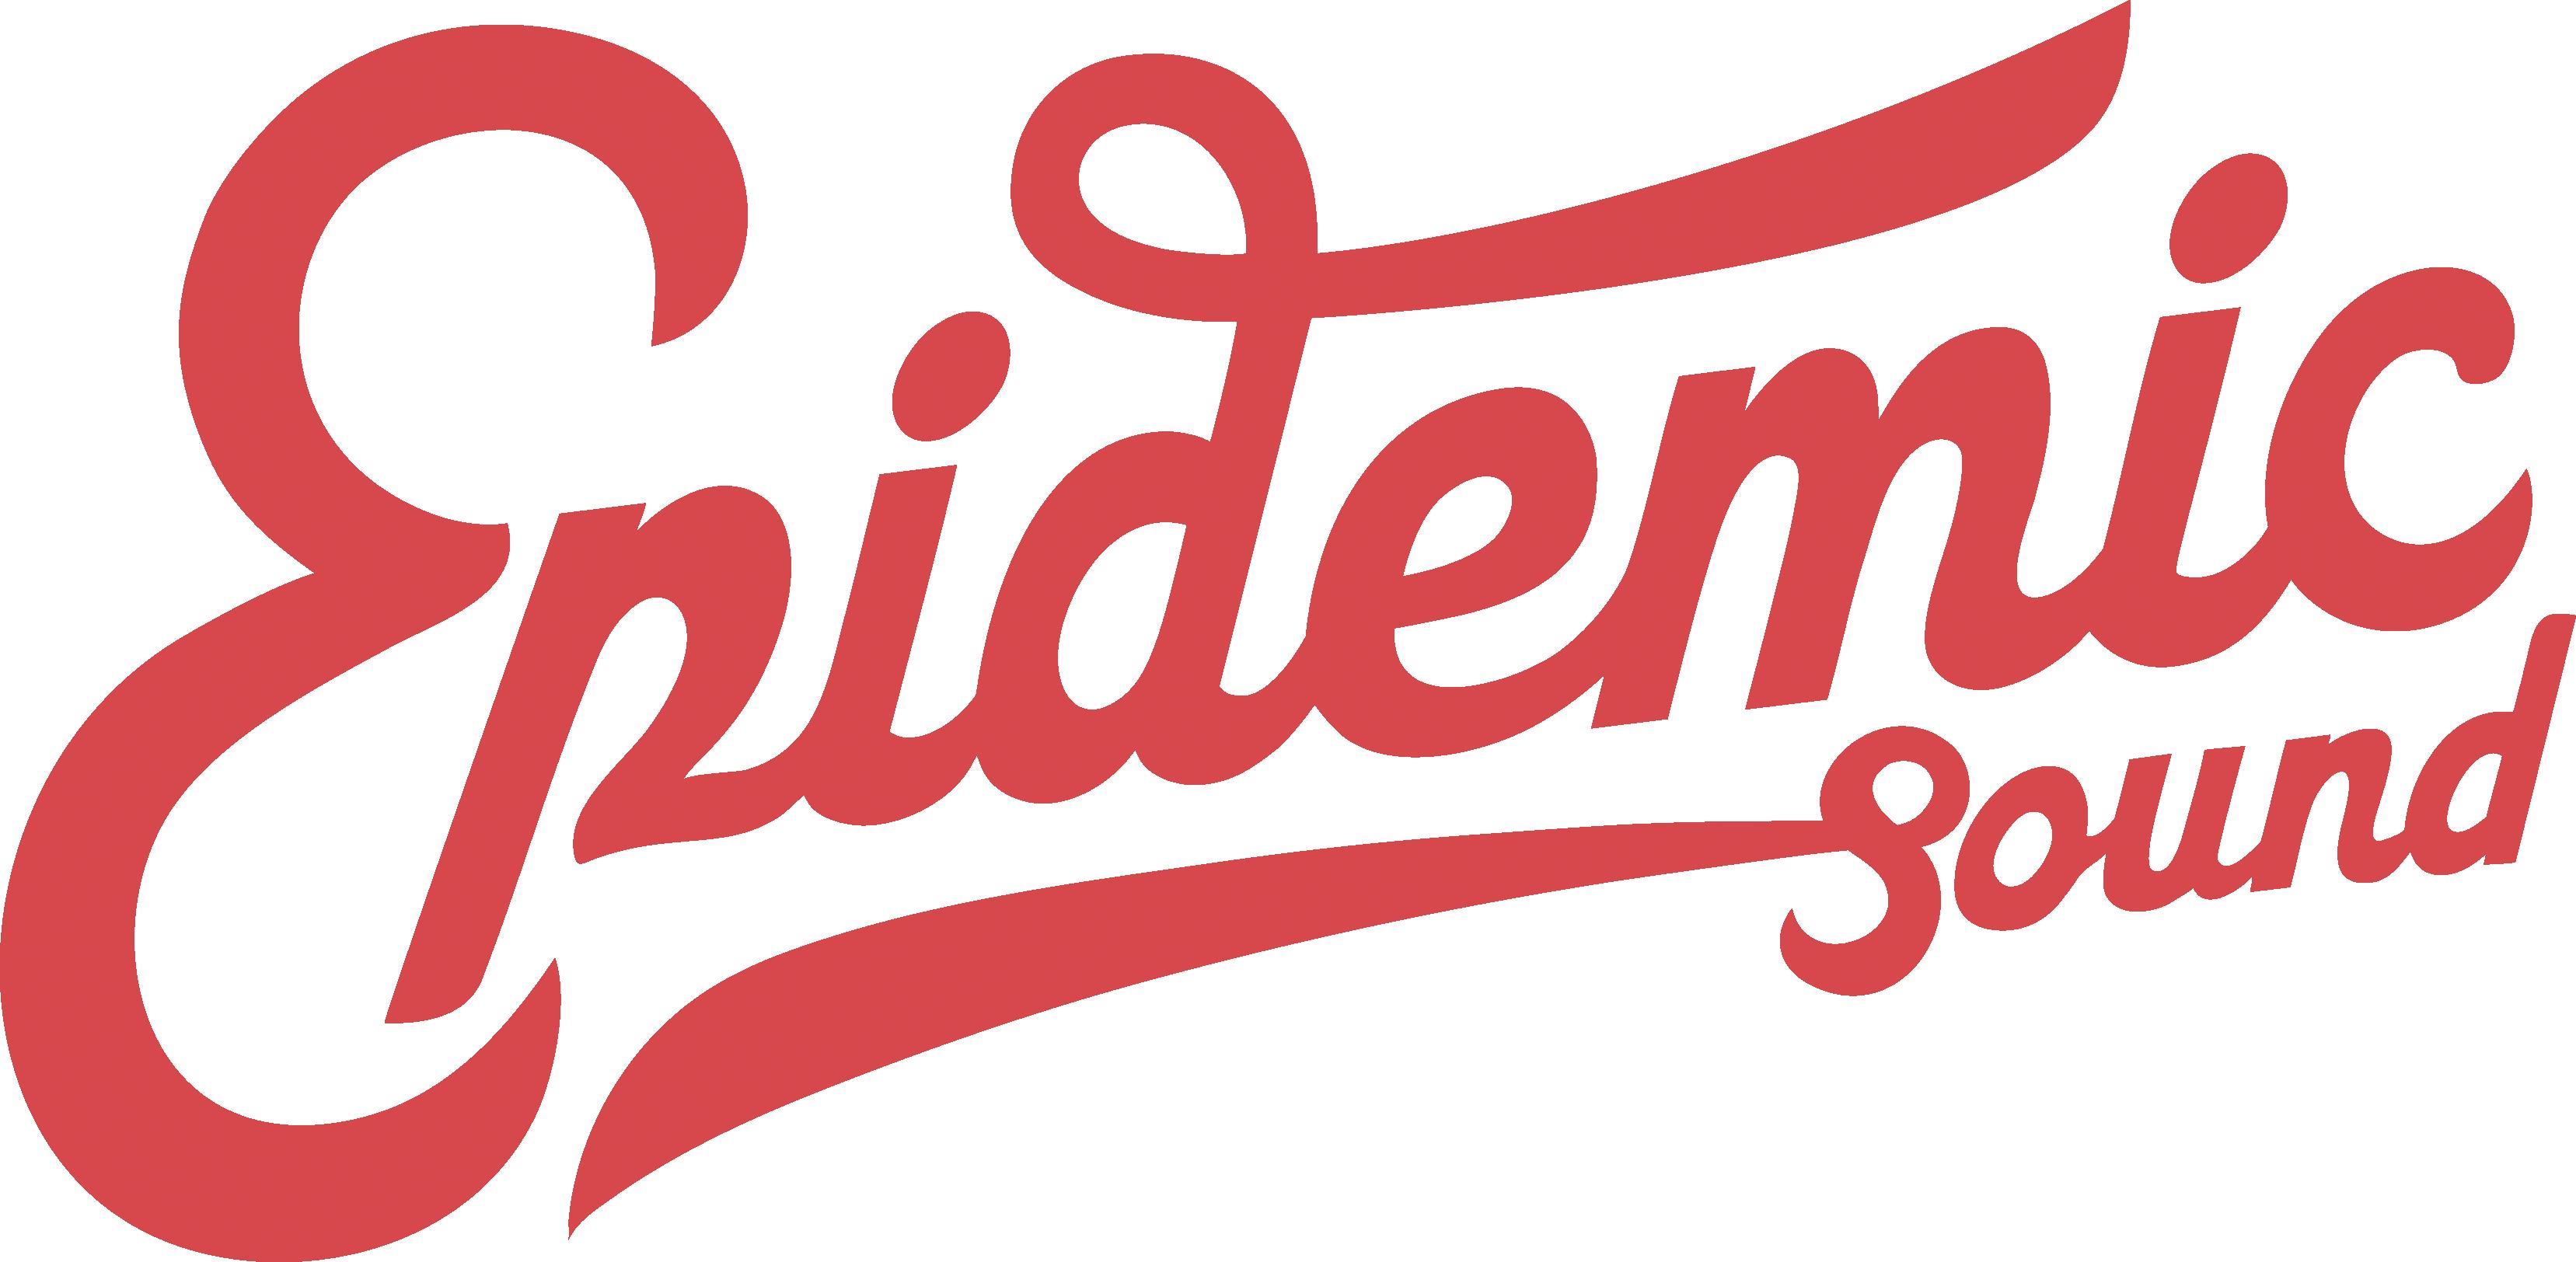 Epidemic logo